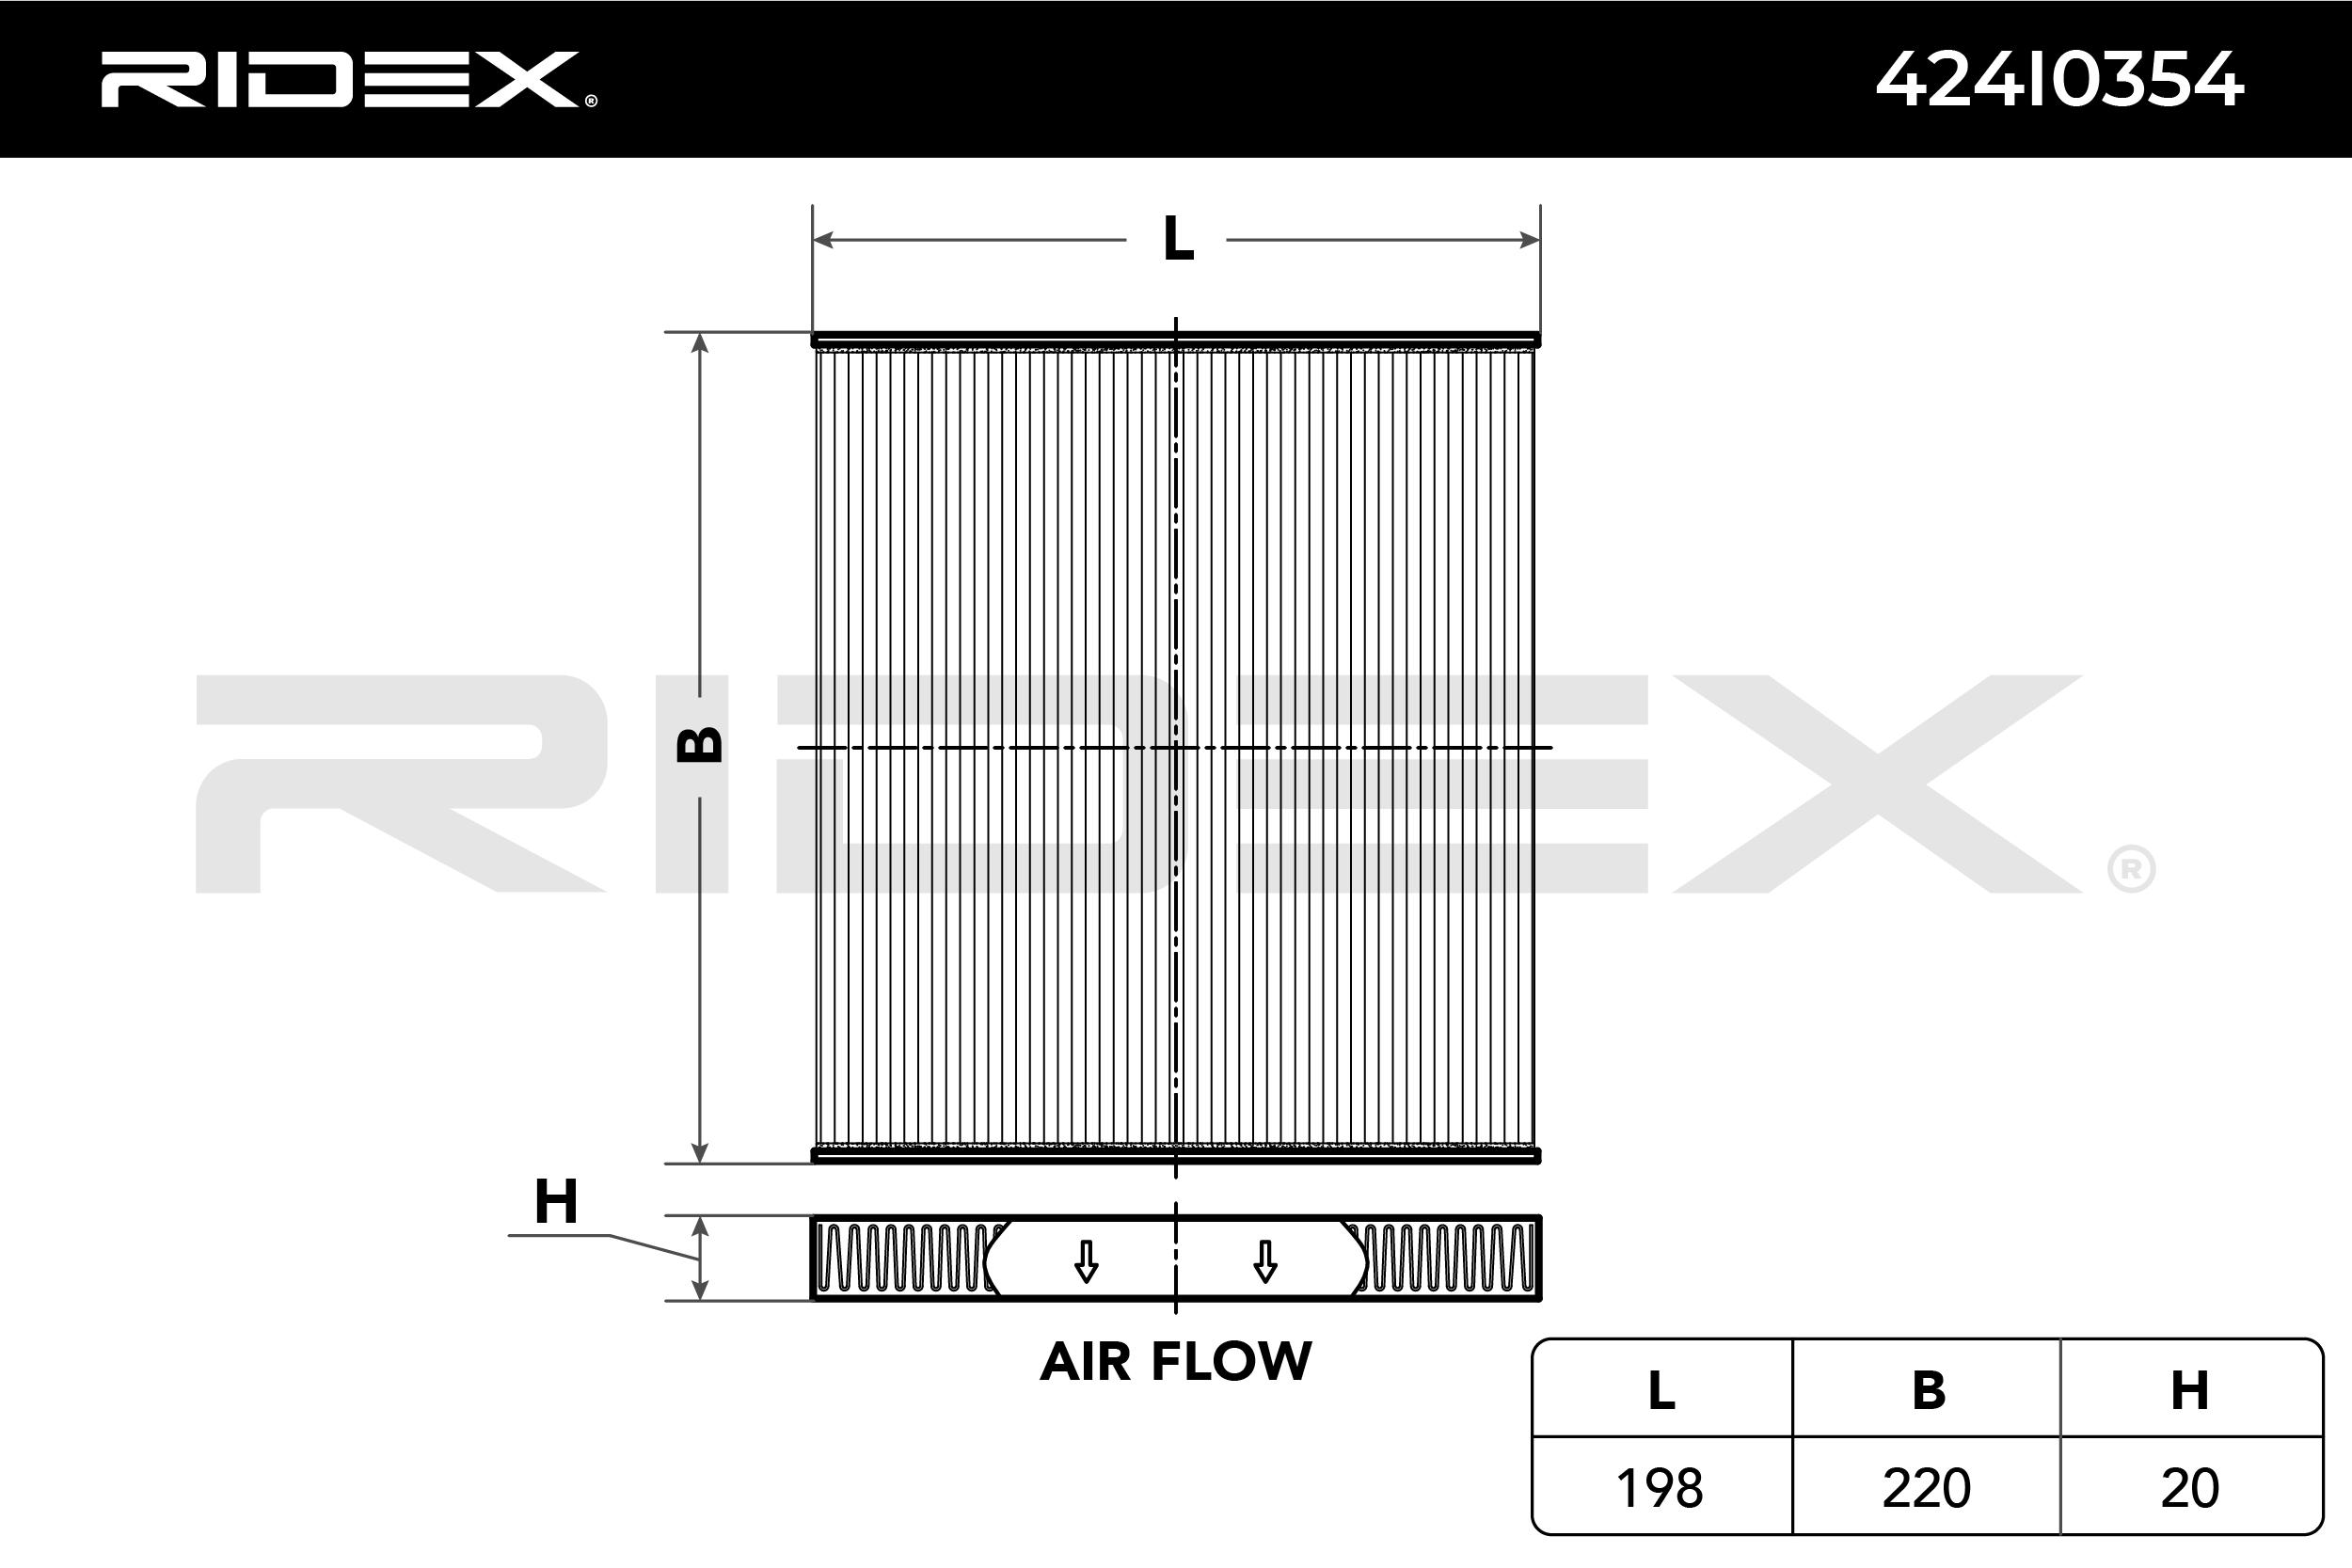 Artikelnummer 424I0354 RIDEX Preise